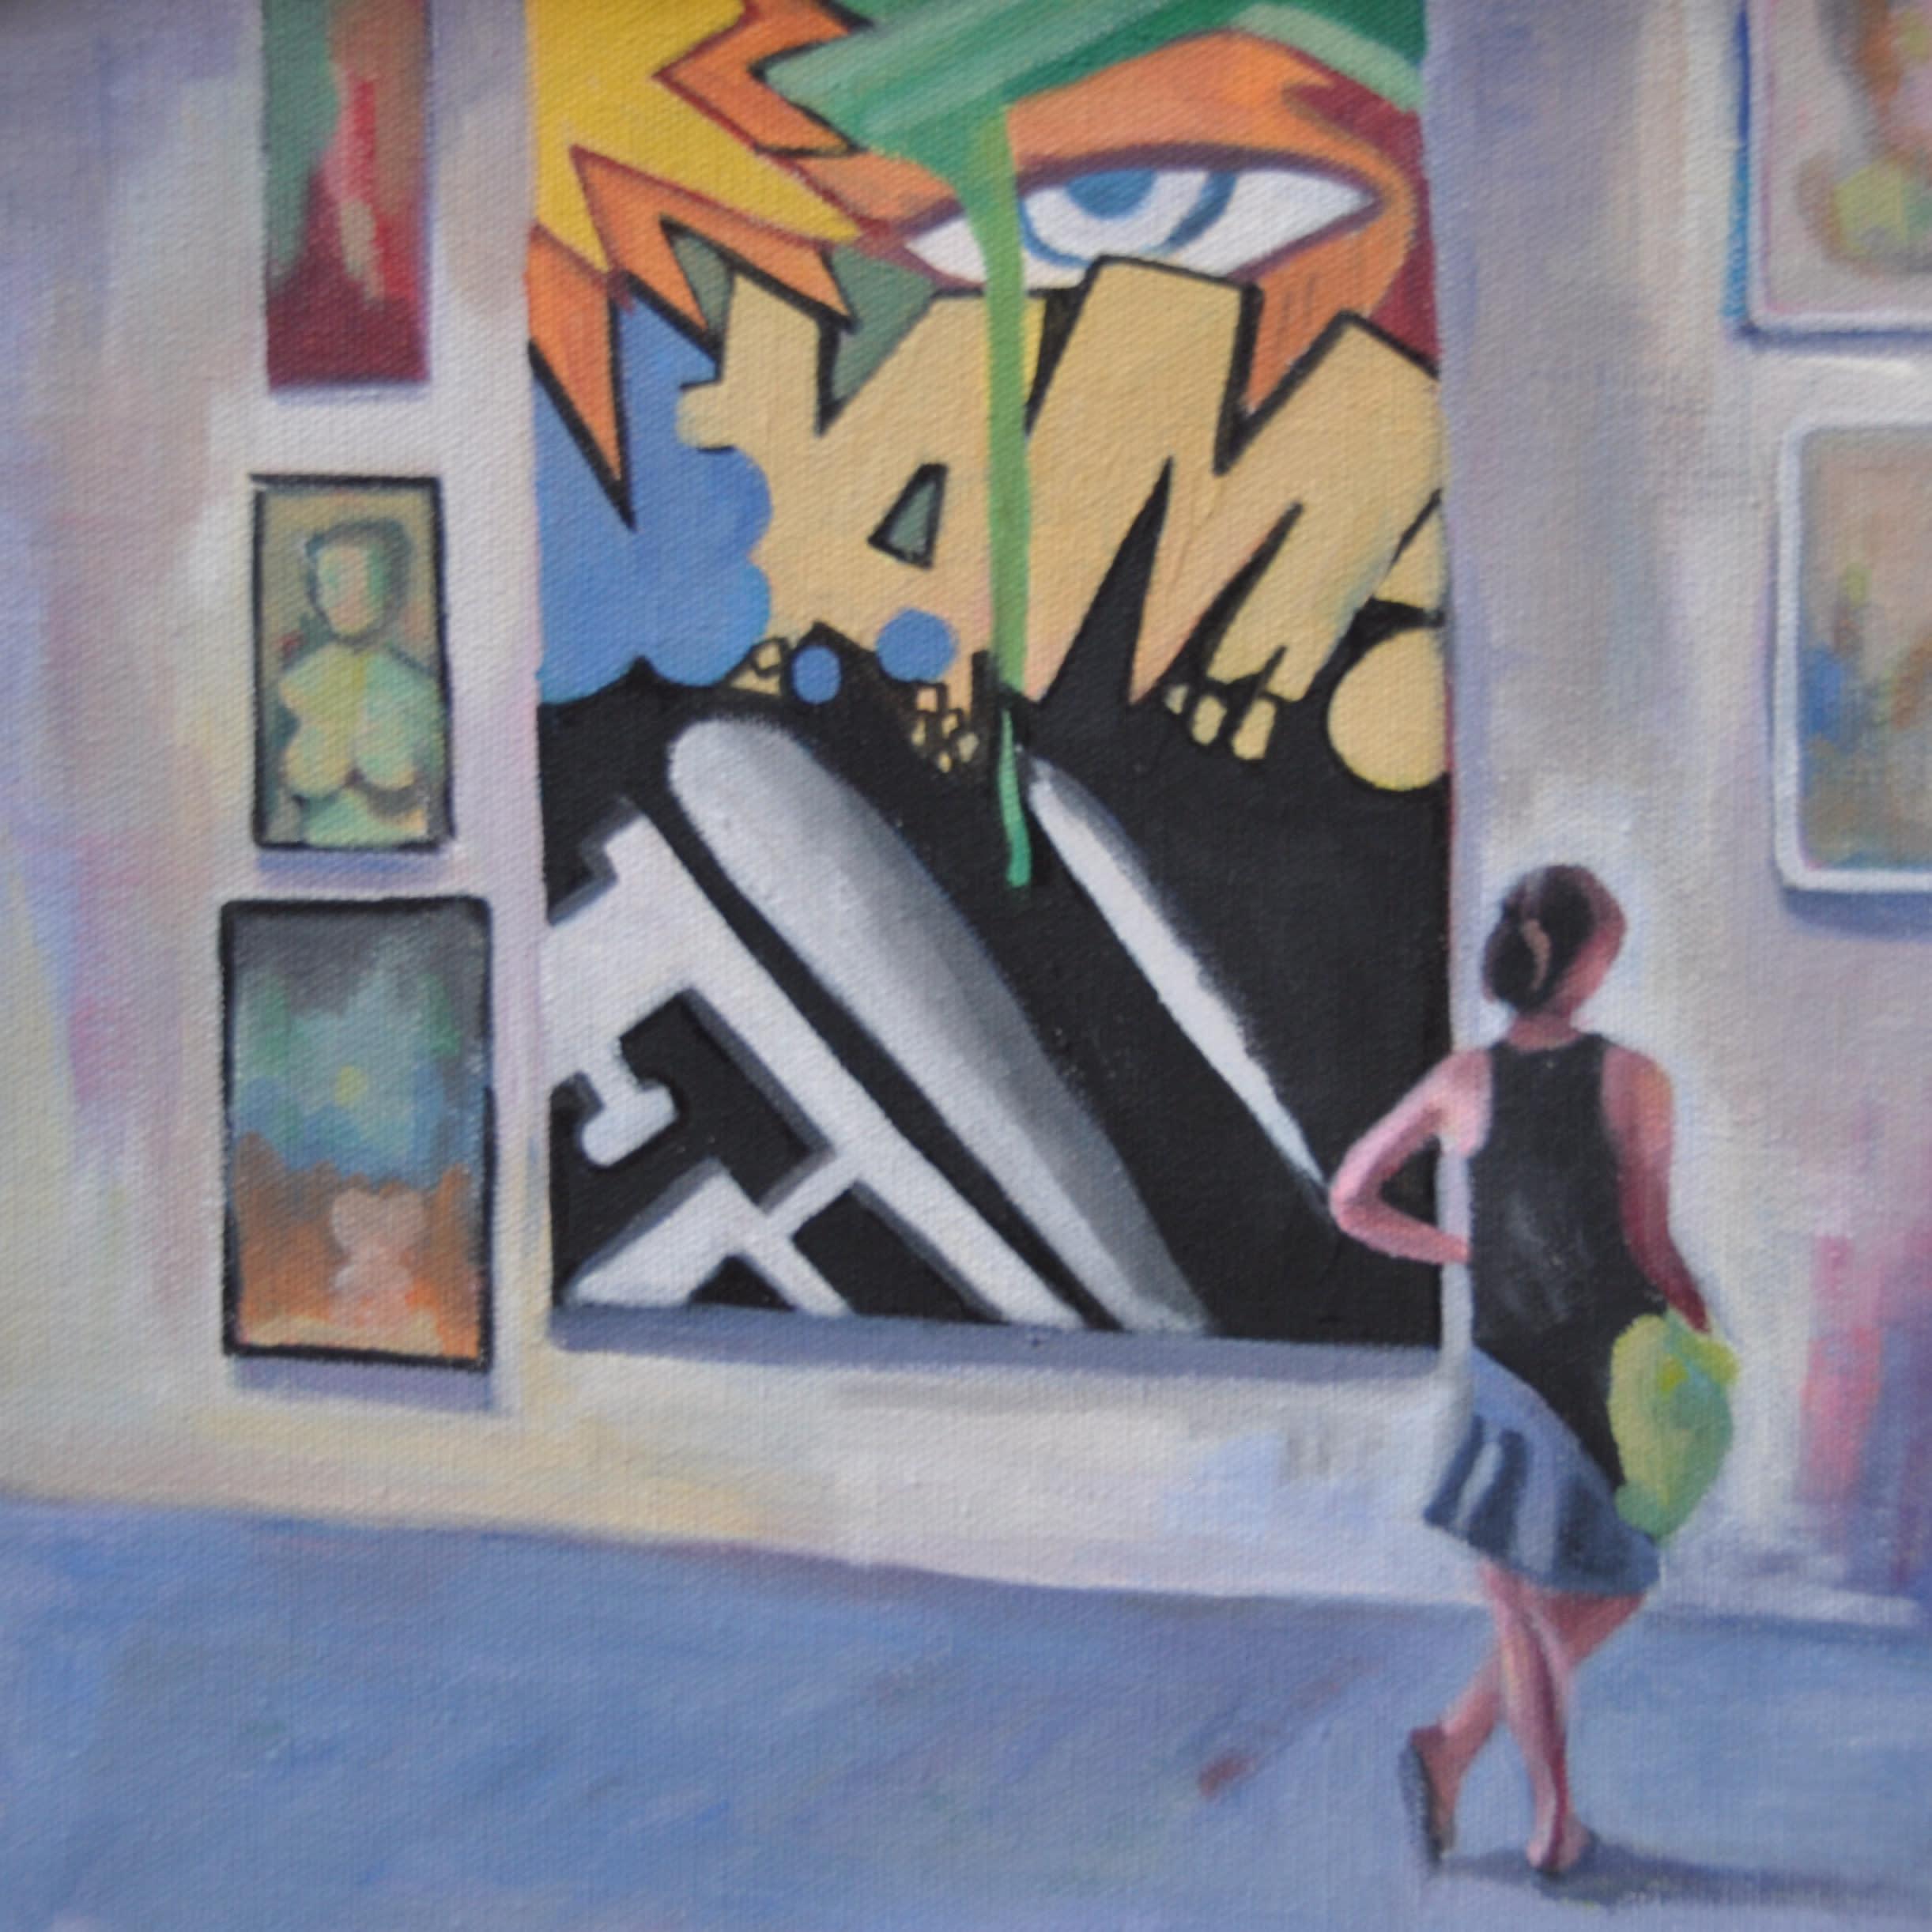 25x25 street art gallery lady by steph fonteyn ztrurq